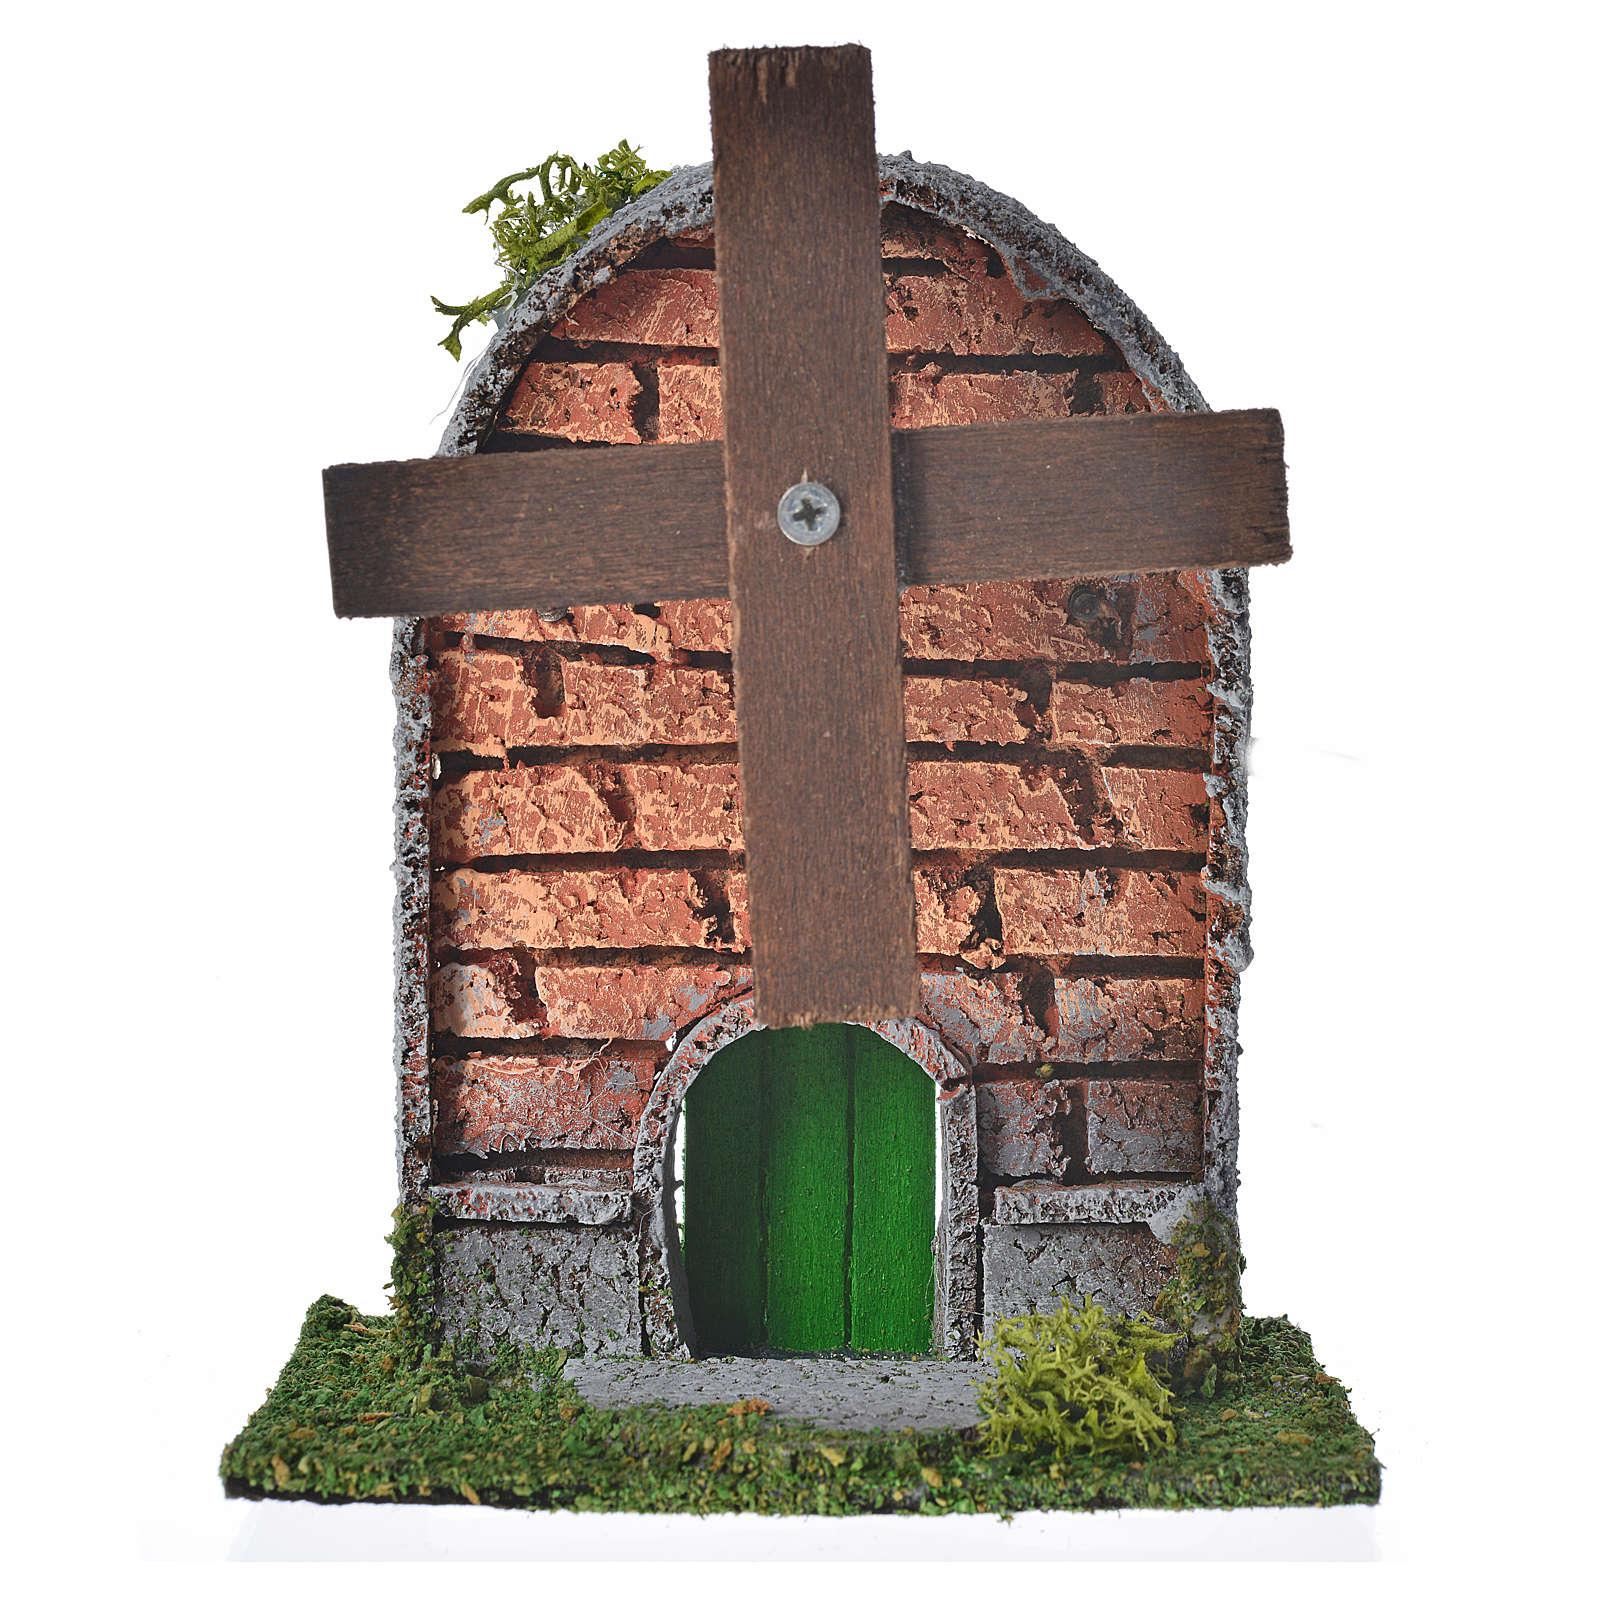 Moulin à vent toit bombé 12x10x6 cm bois et liège 4